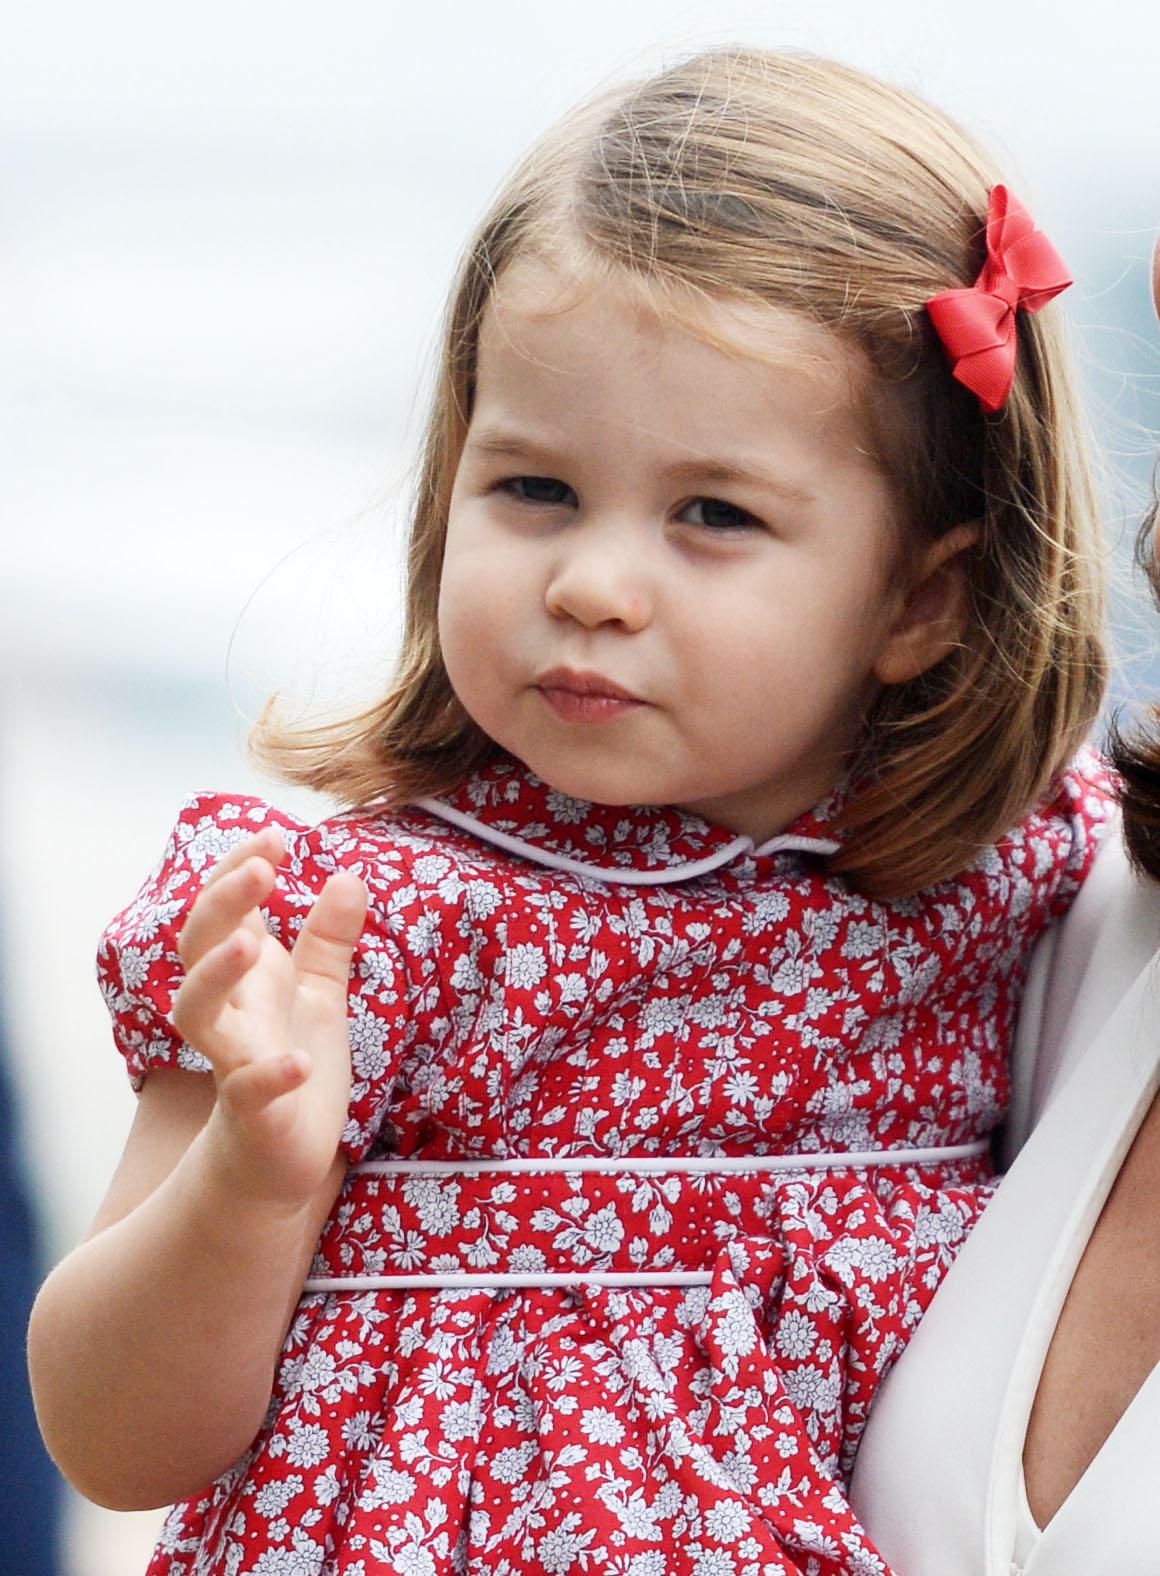 Damit der kleinen Charlotte keine Haarsträhne ins Gesicht fällt, hält sie ihren Pony mit einer Schleife zurück.